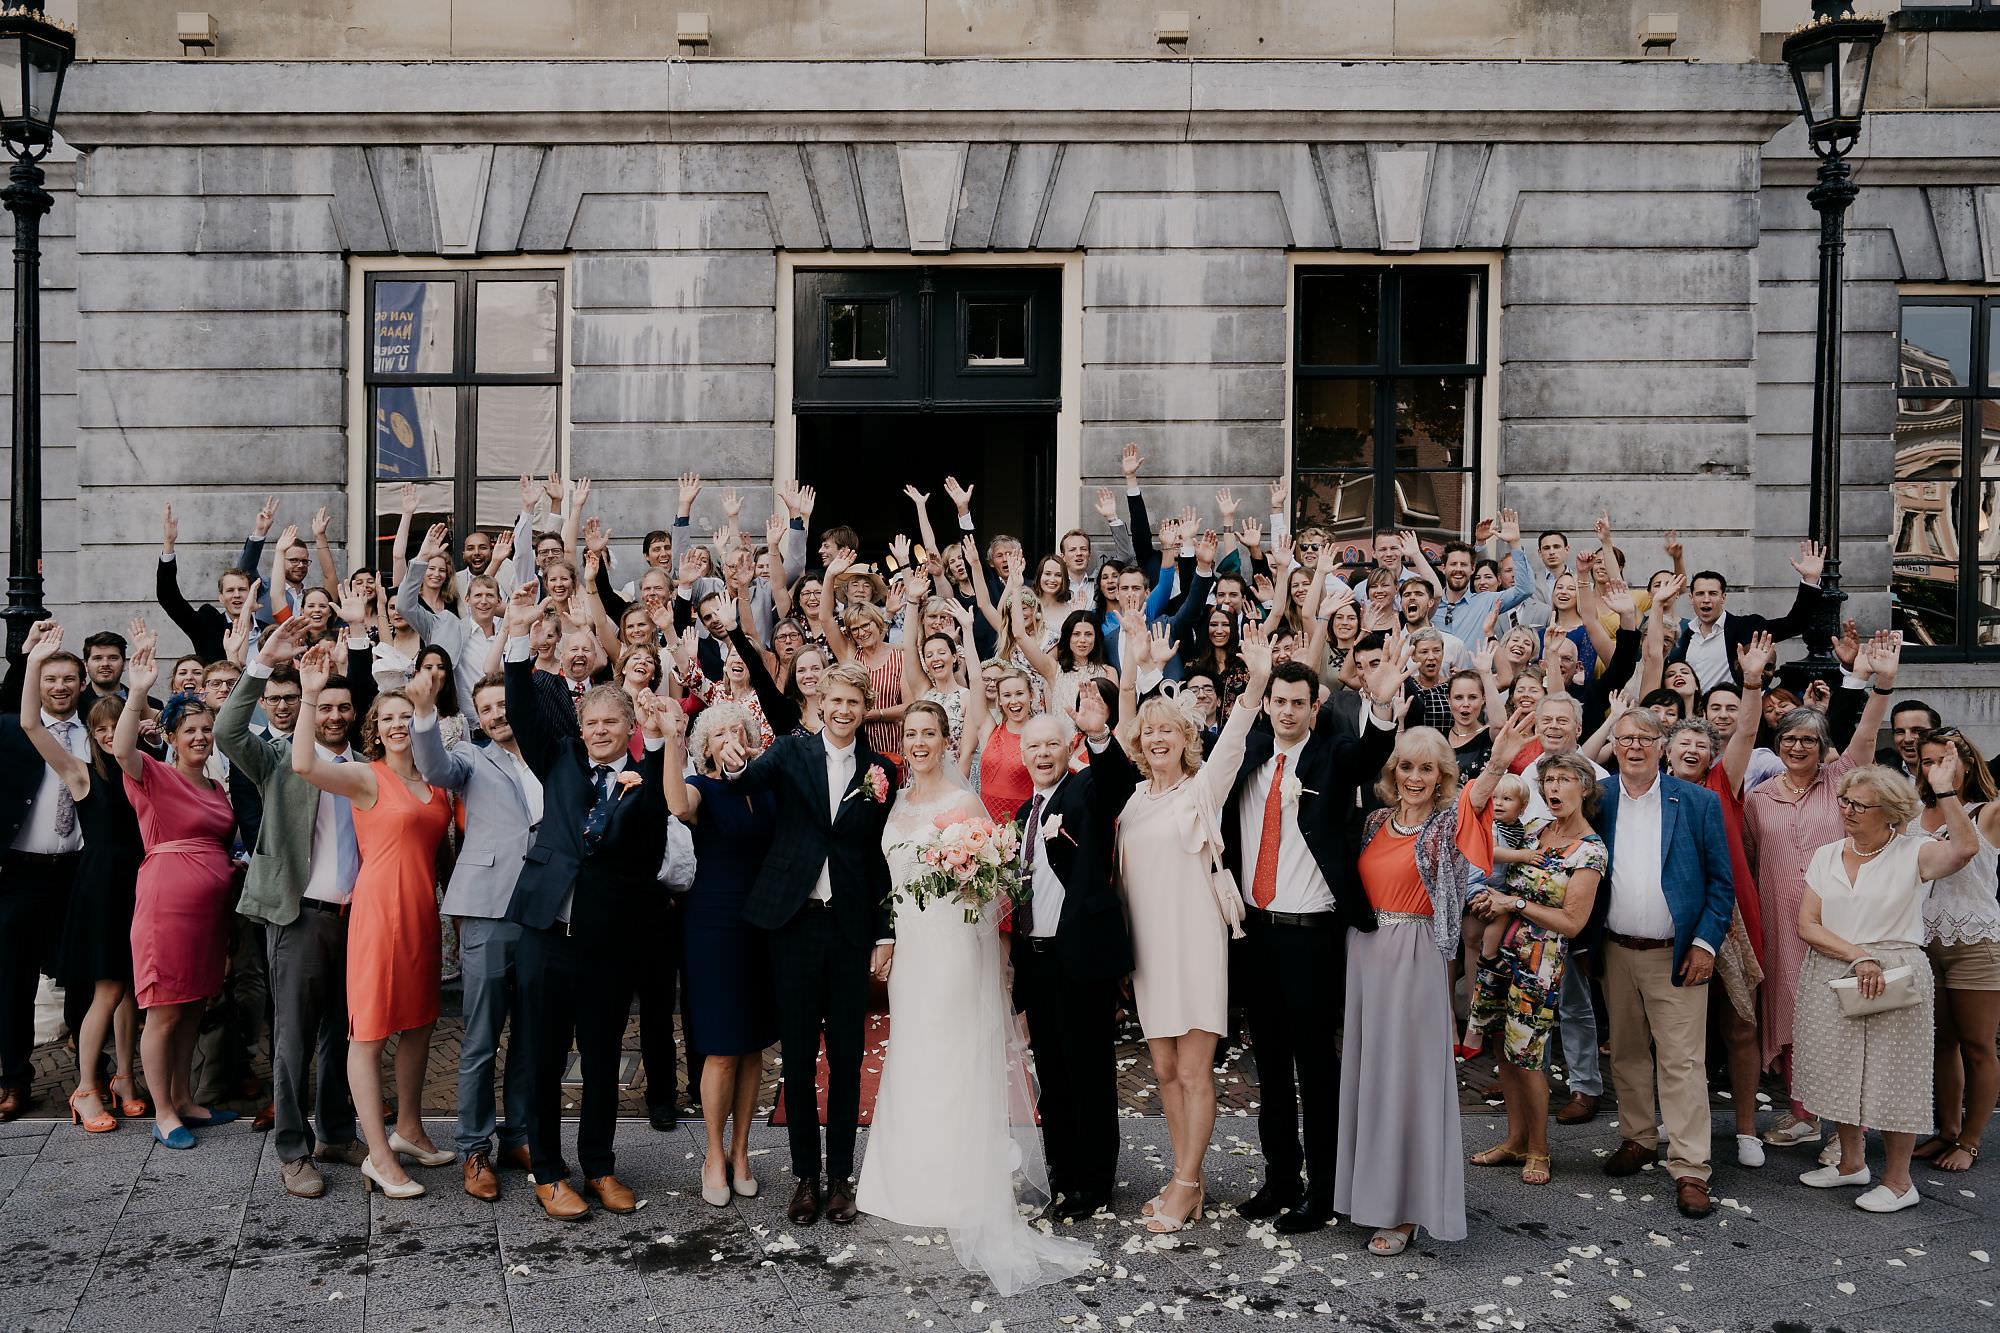 bruiloft damtoren utrecht fotografie rapportage fotograaf mark hadden